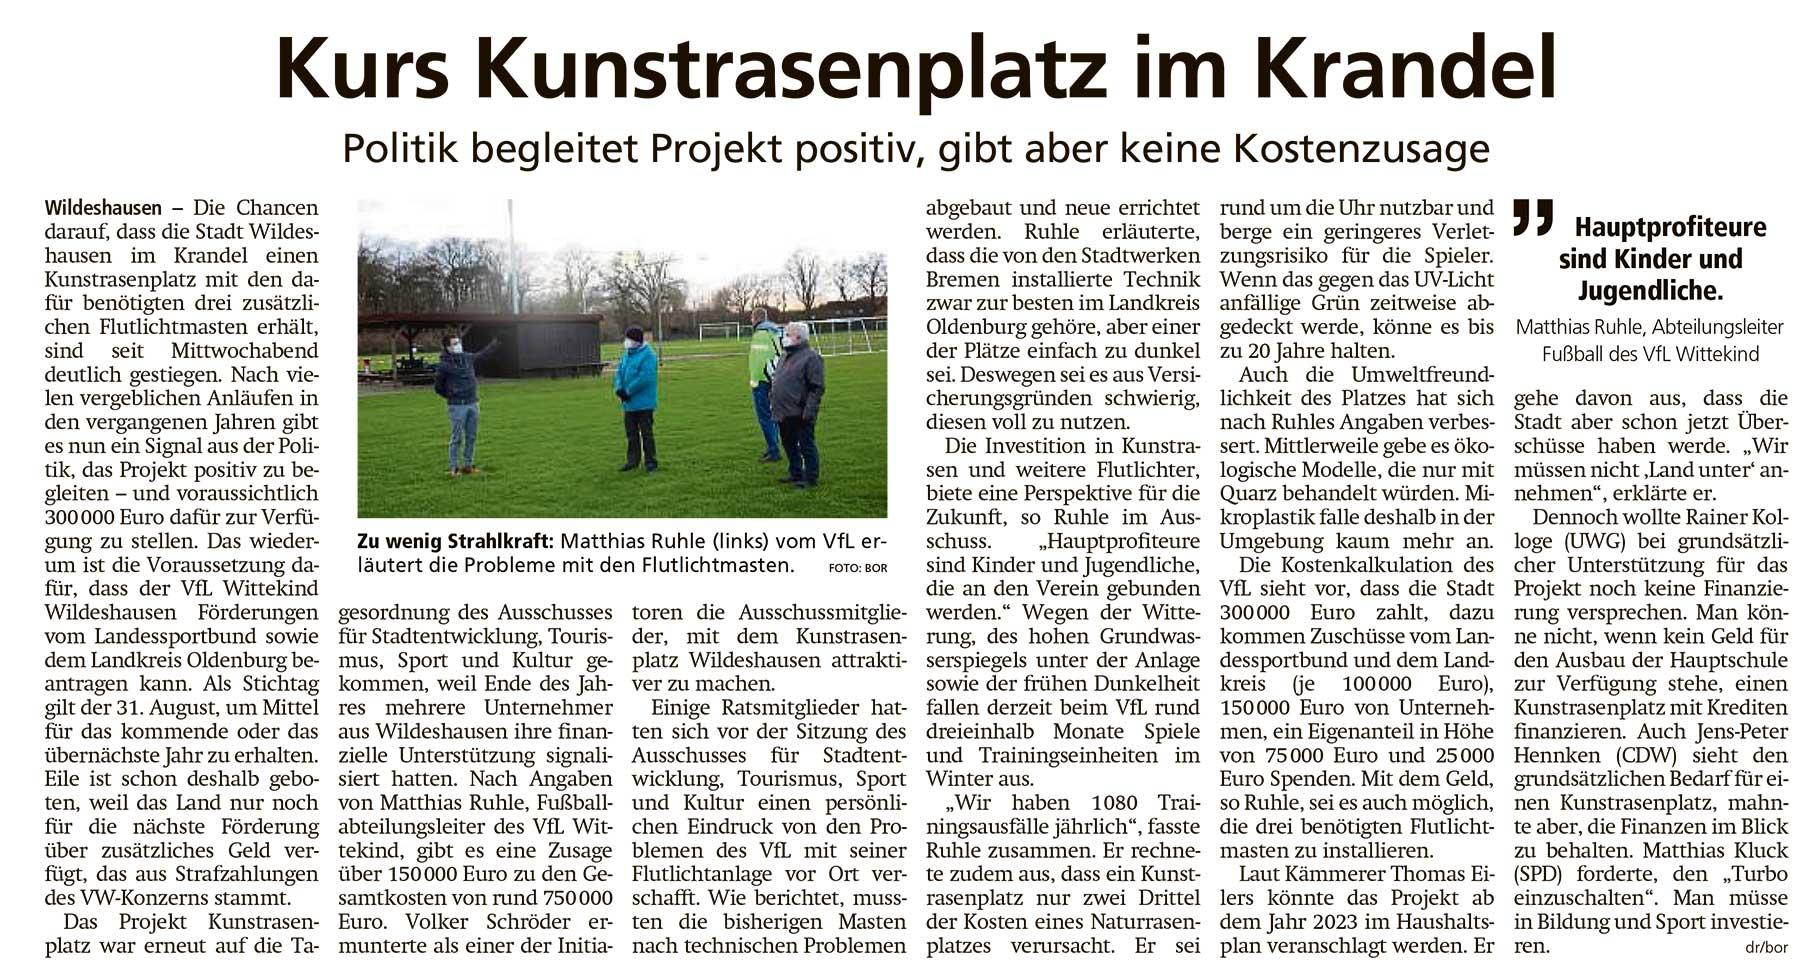 Kurs Kunstrasenplatz im KrandelPolitik begleitet Projekt positiv, gibt aber keine KostenzusageArtikel vom 19.03.2021 (WZ)